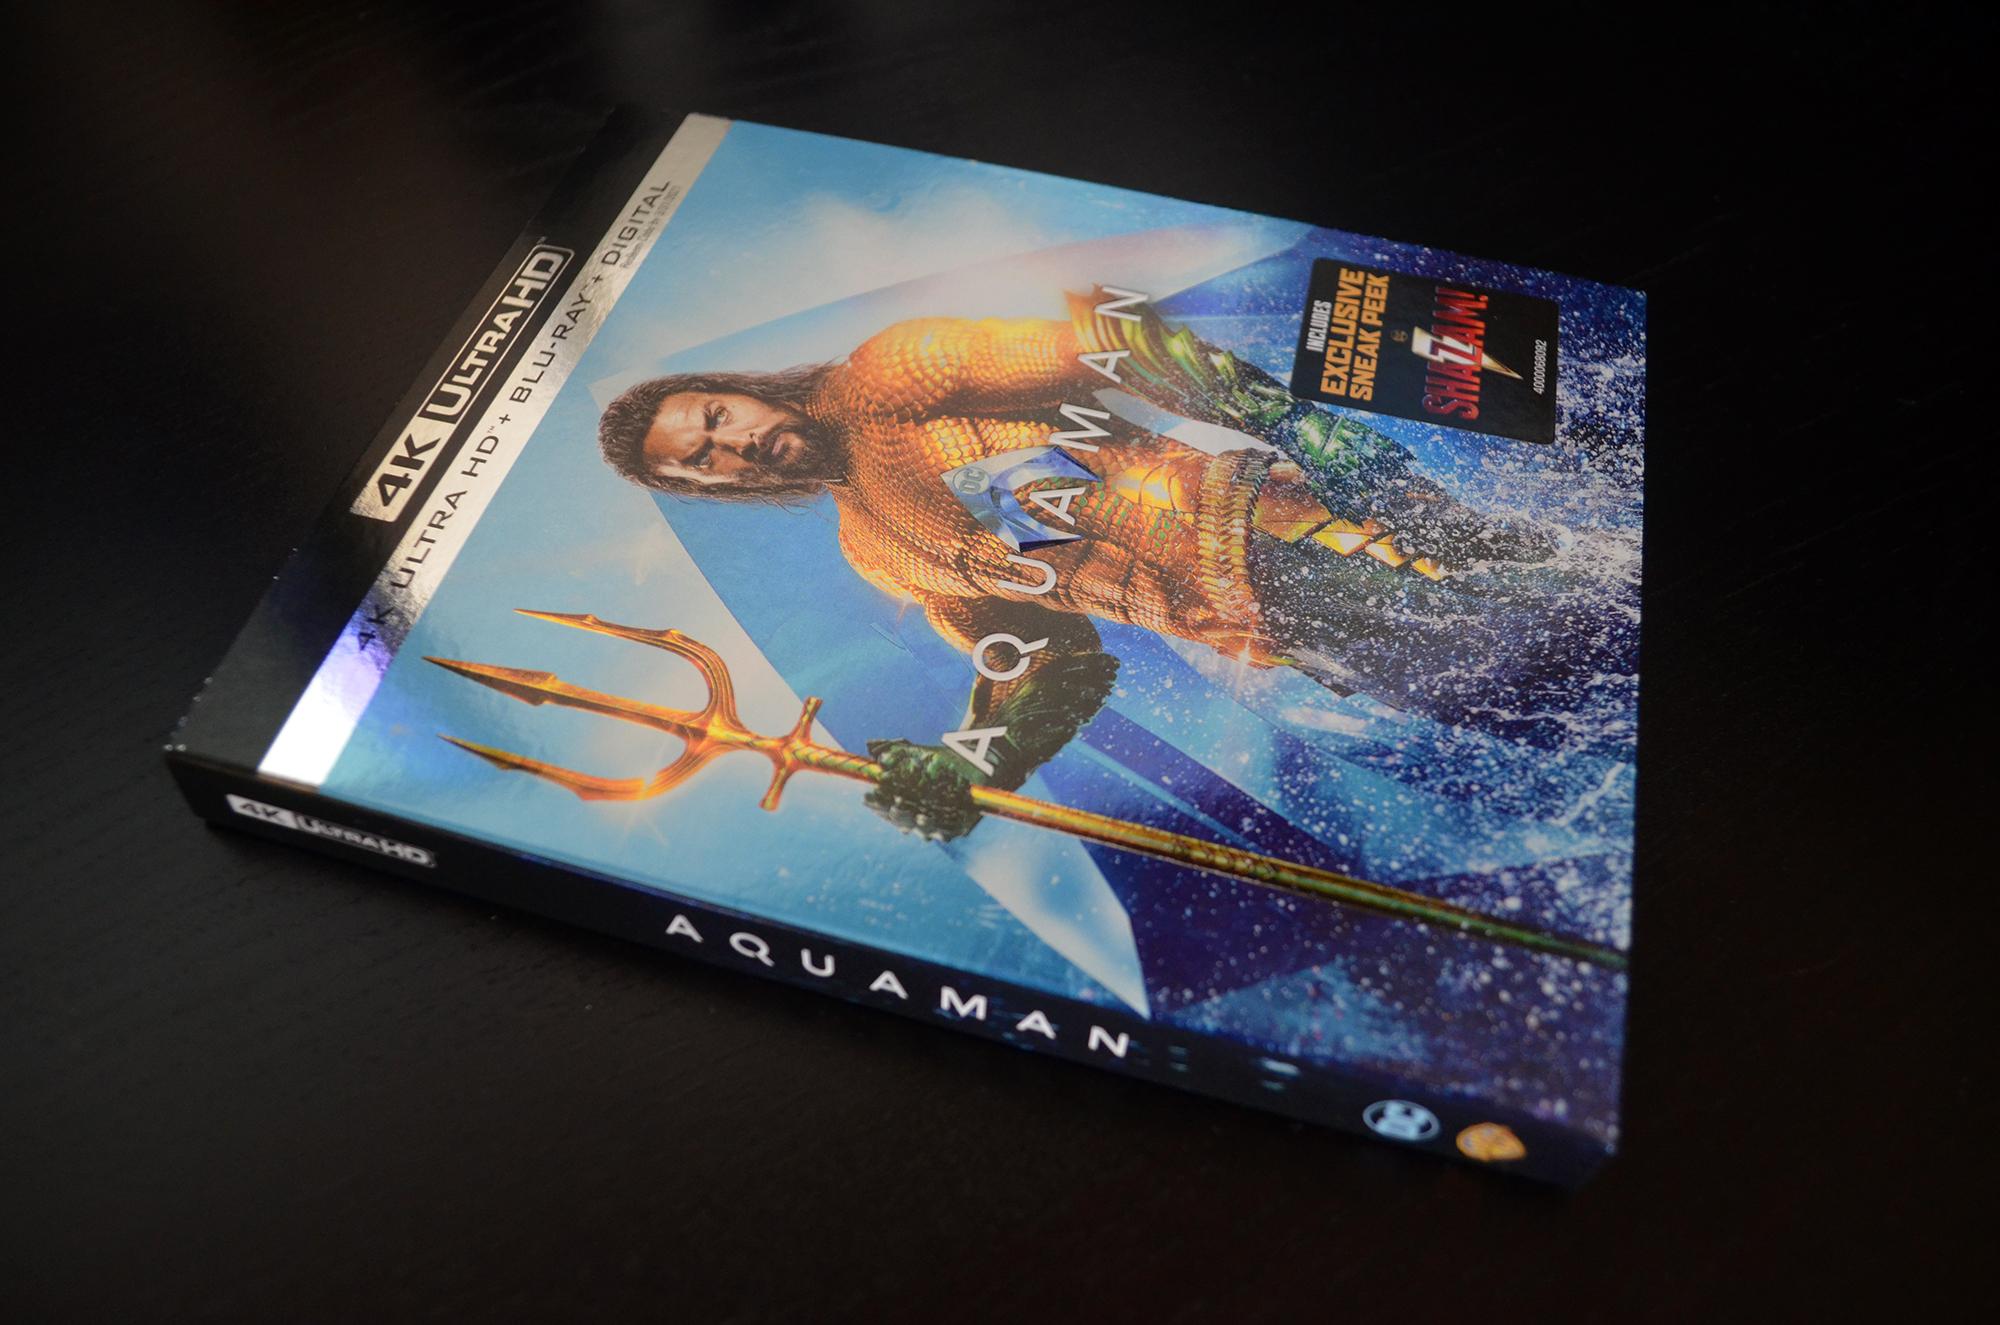 Aquaman 4K Review